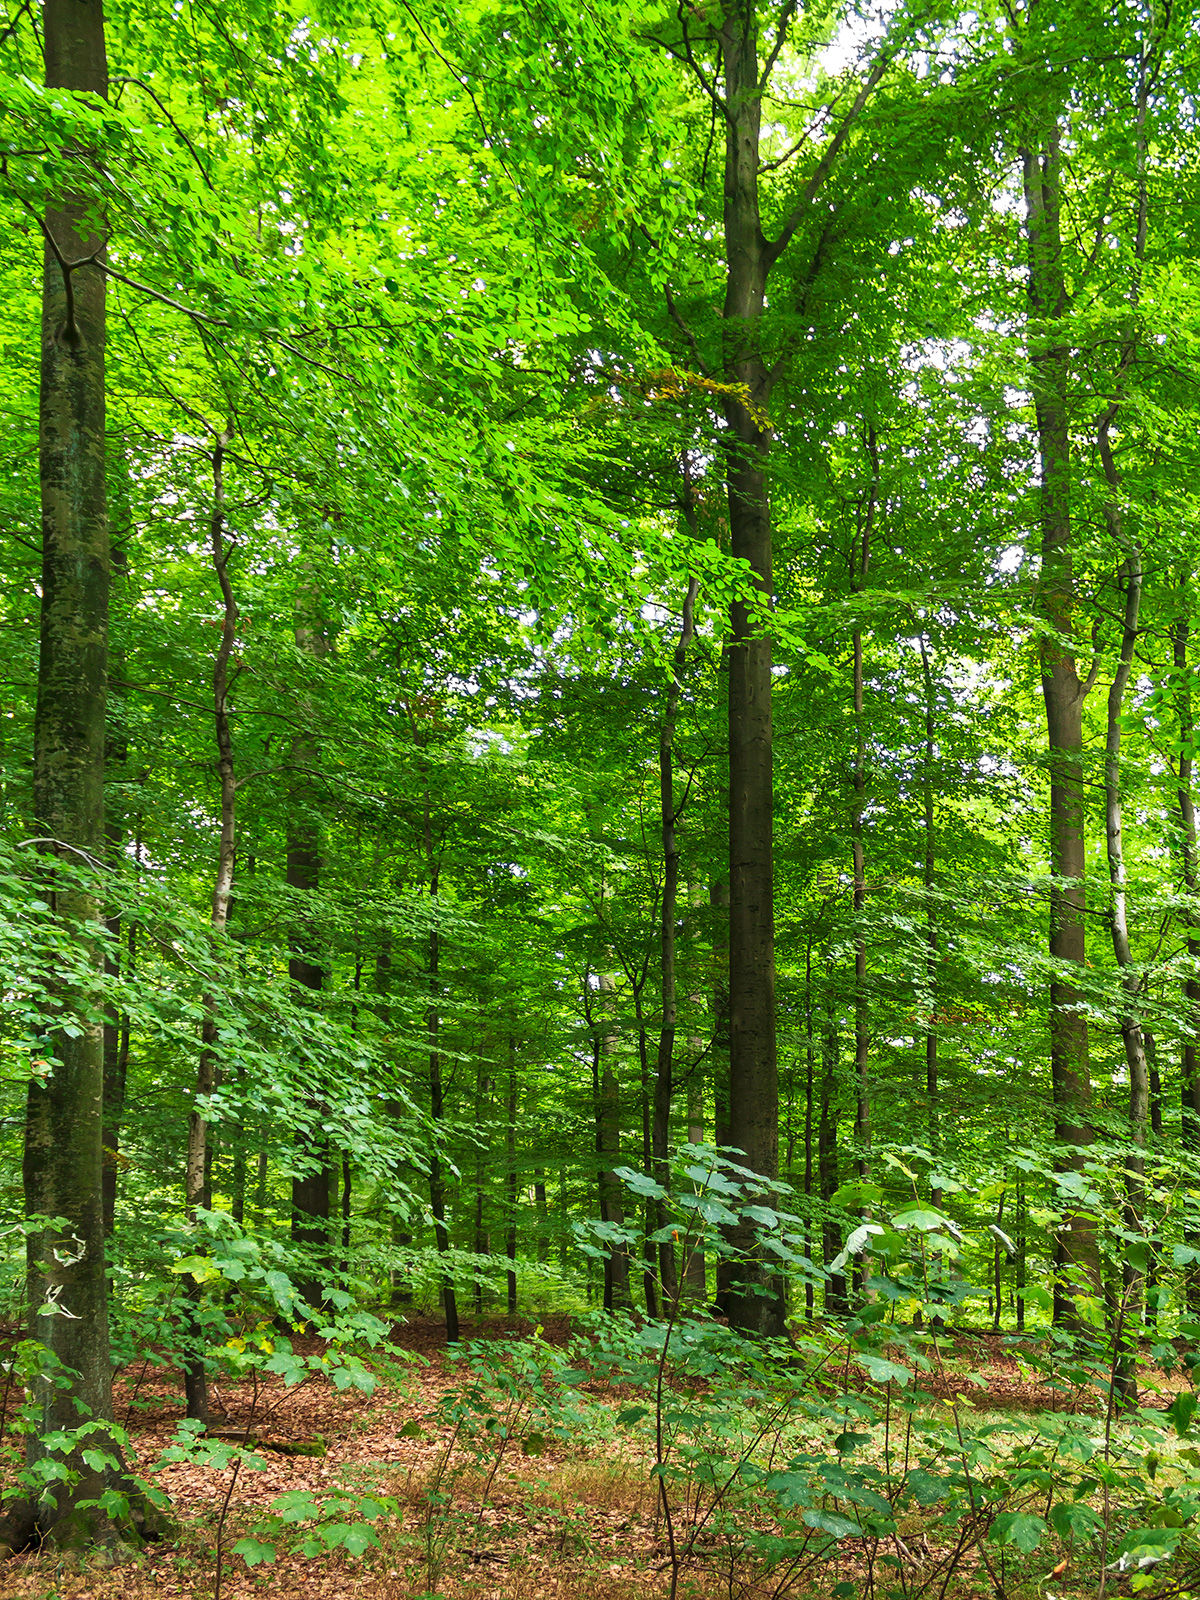 gradschaftige, astreine Altbuchen mit wervollem Holz